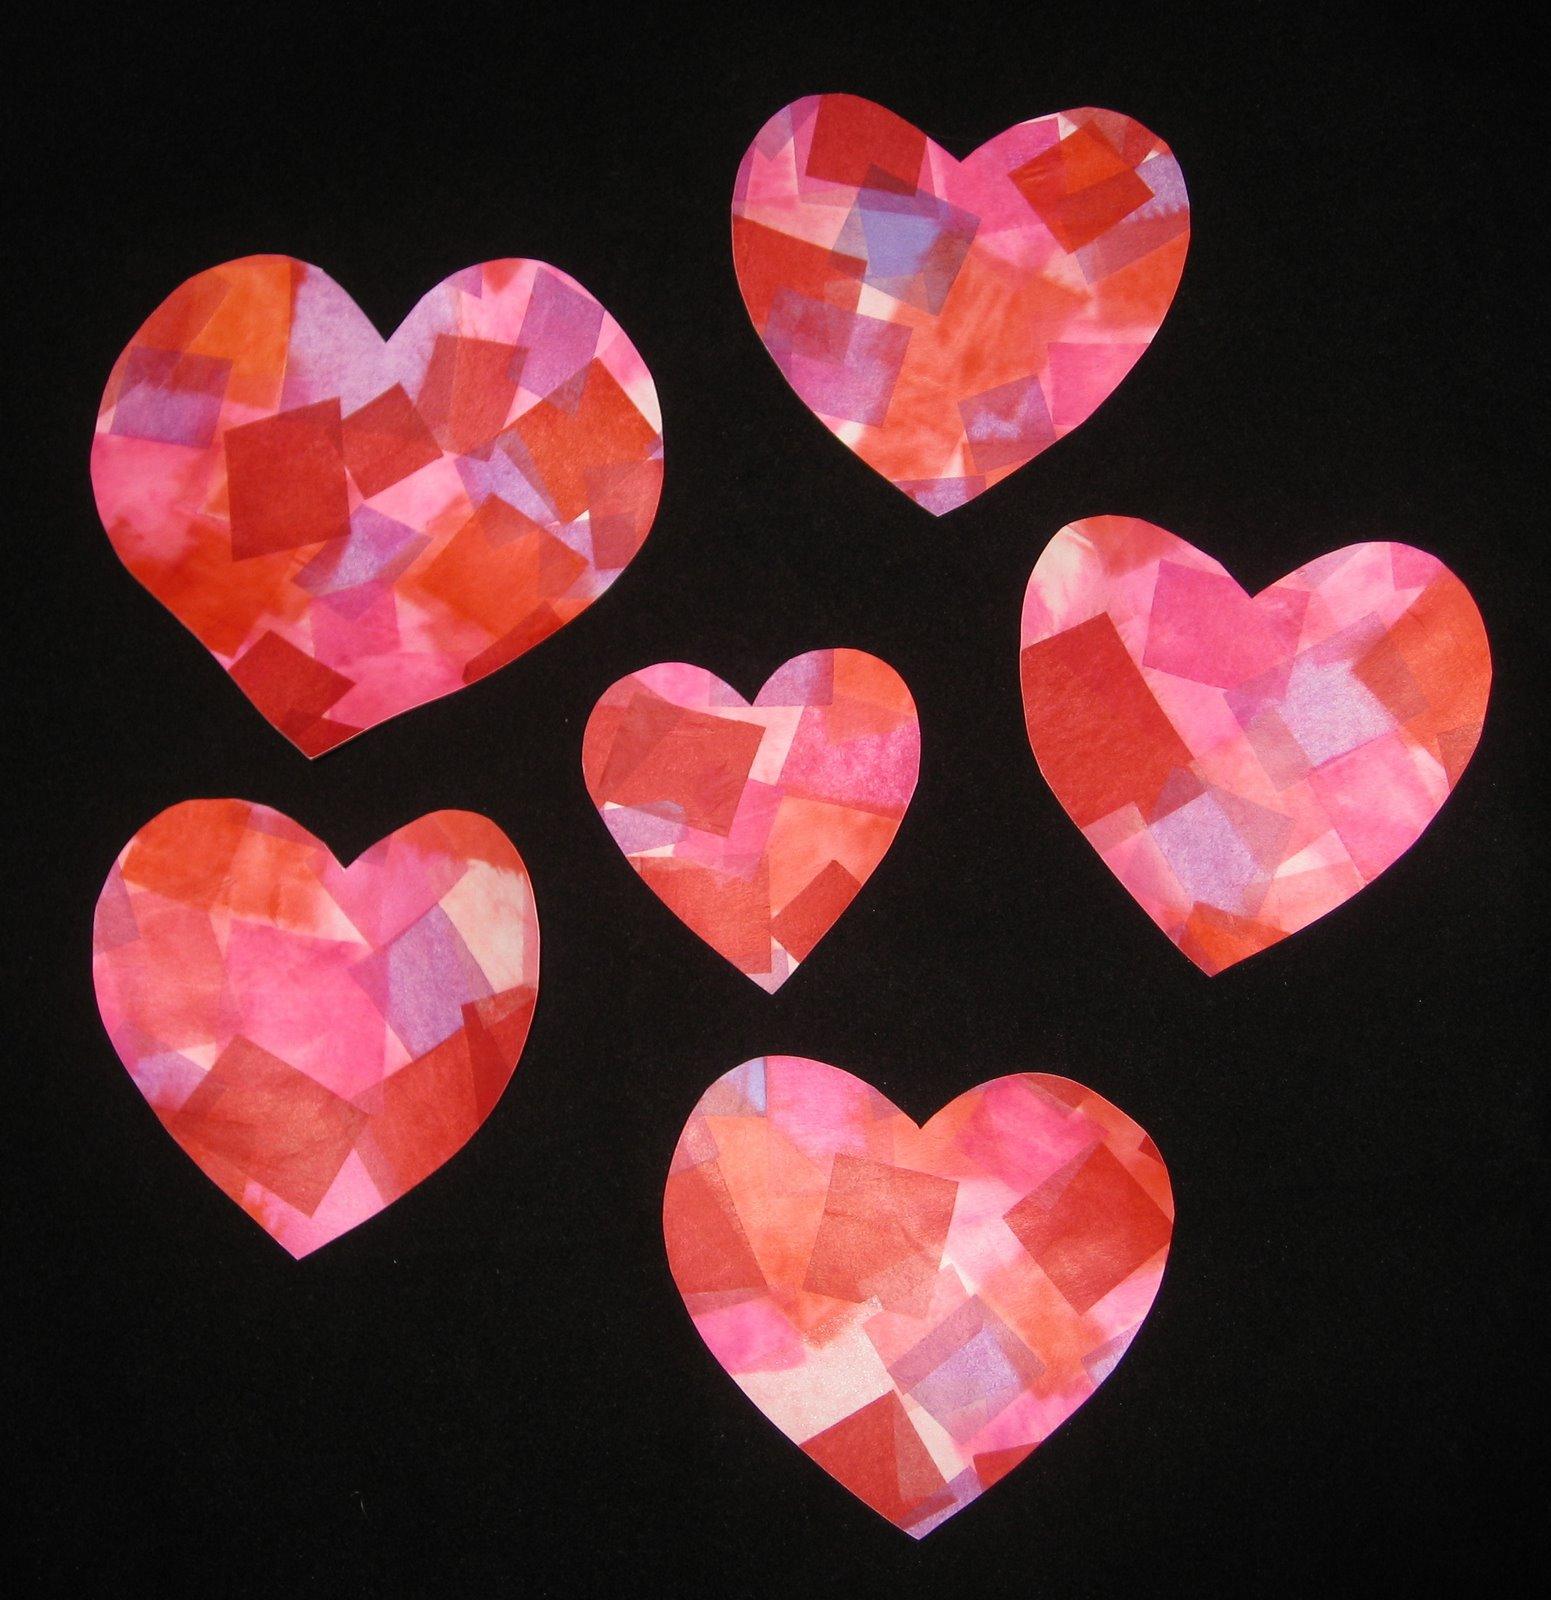 Cindy deRosier: My Creative Life: Tissue Paper Hearts